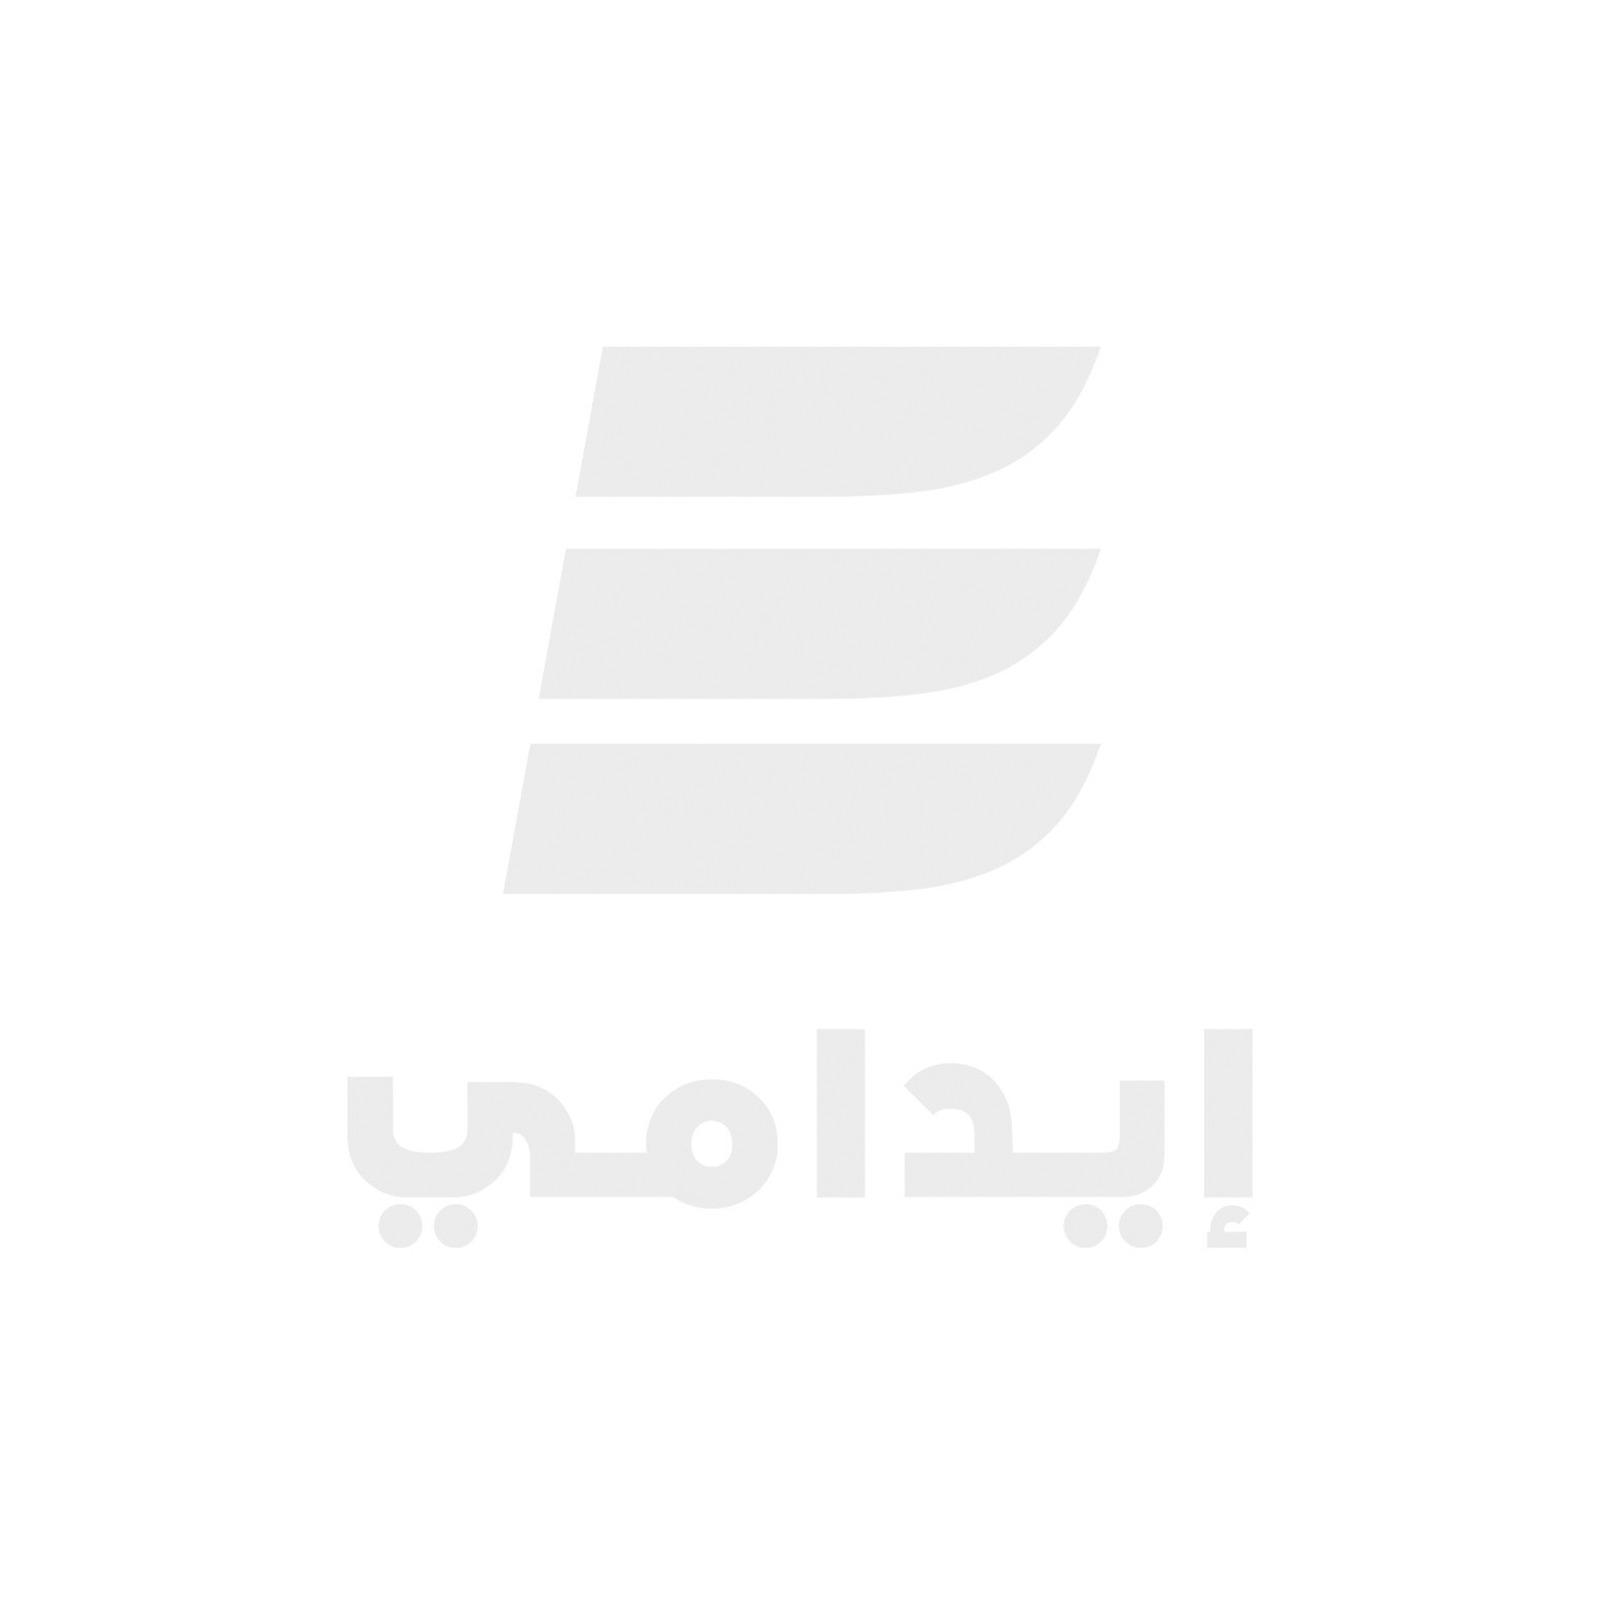 Lamb Riyash - Shatta